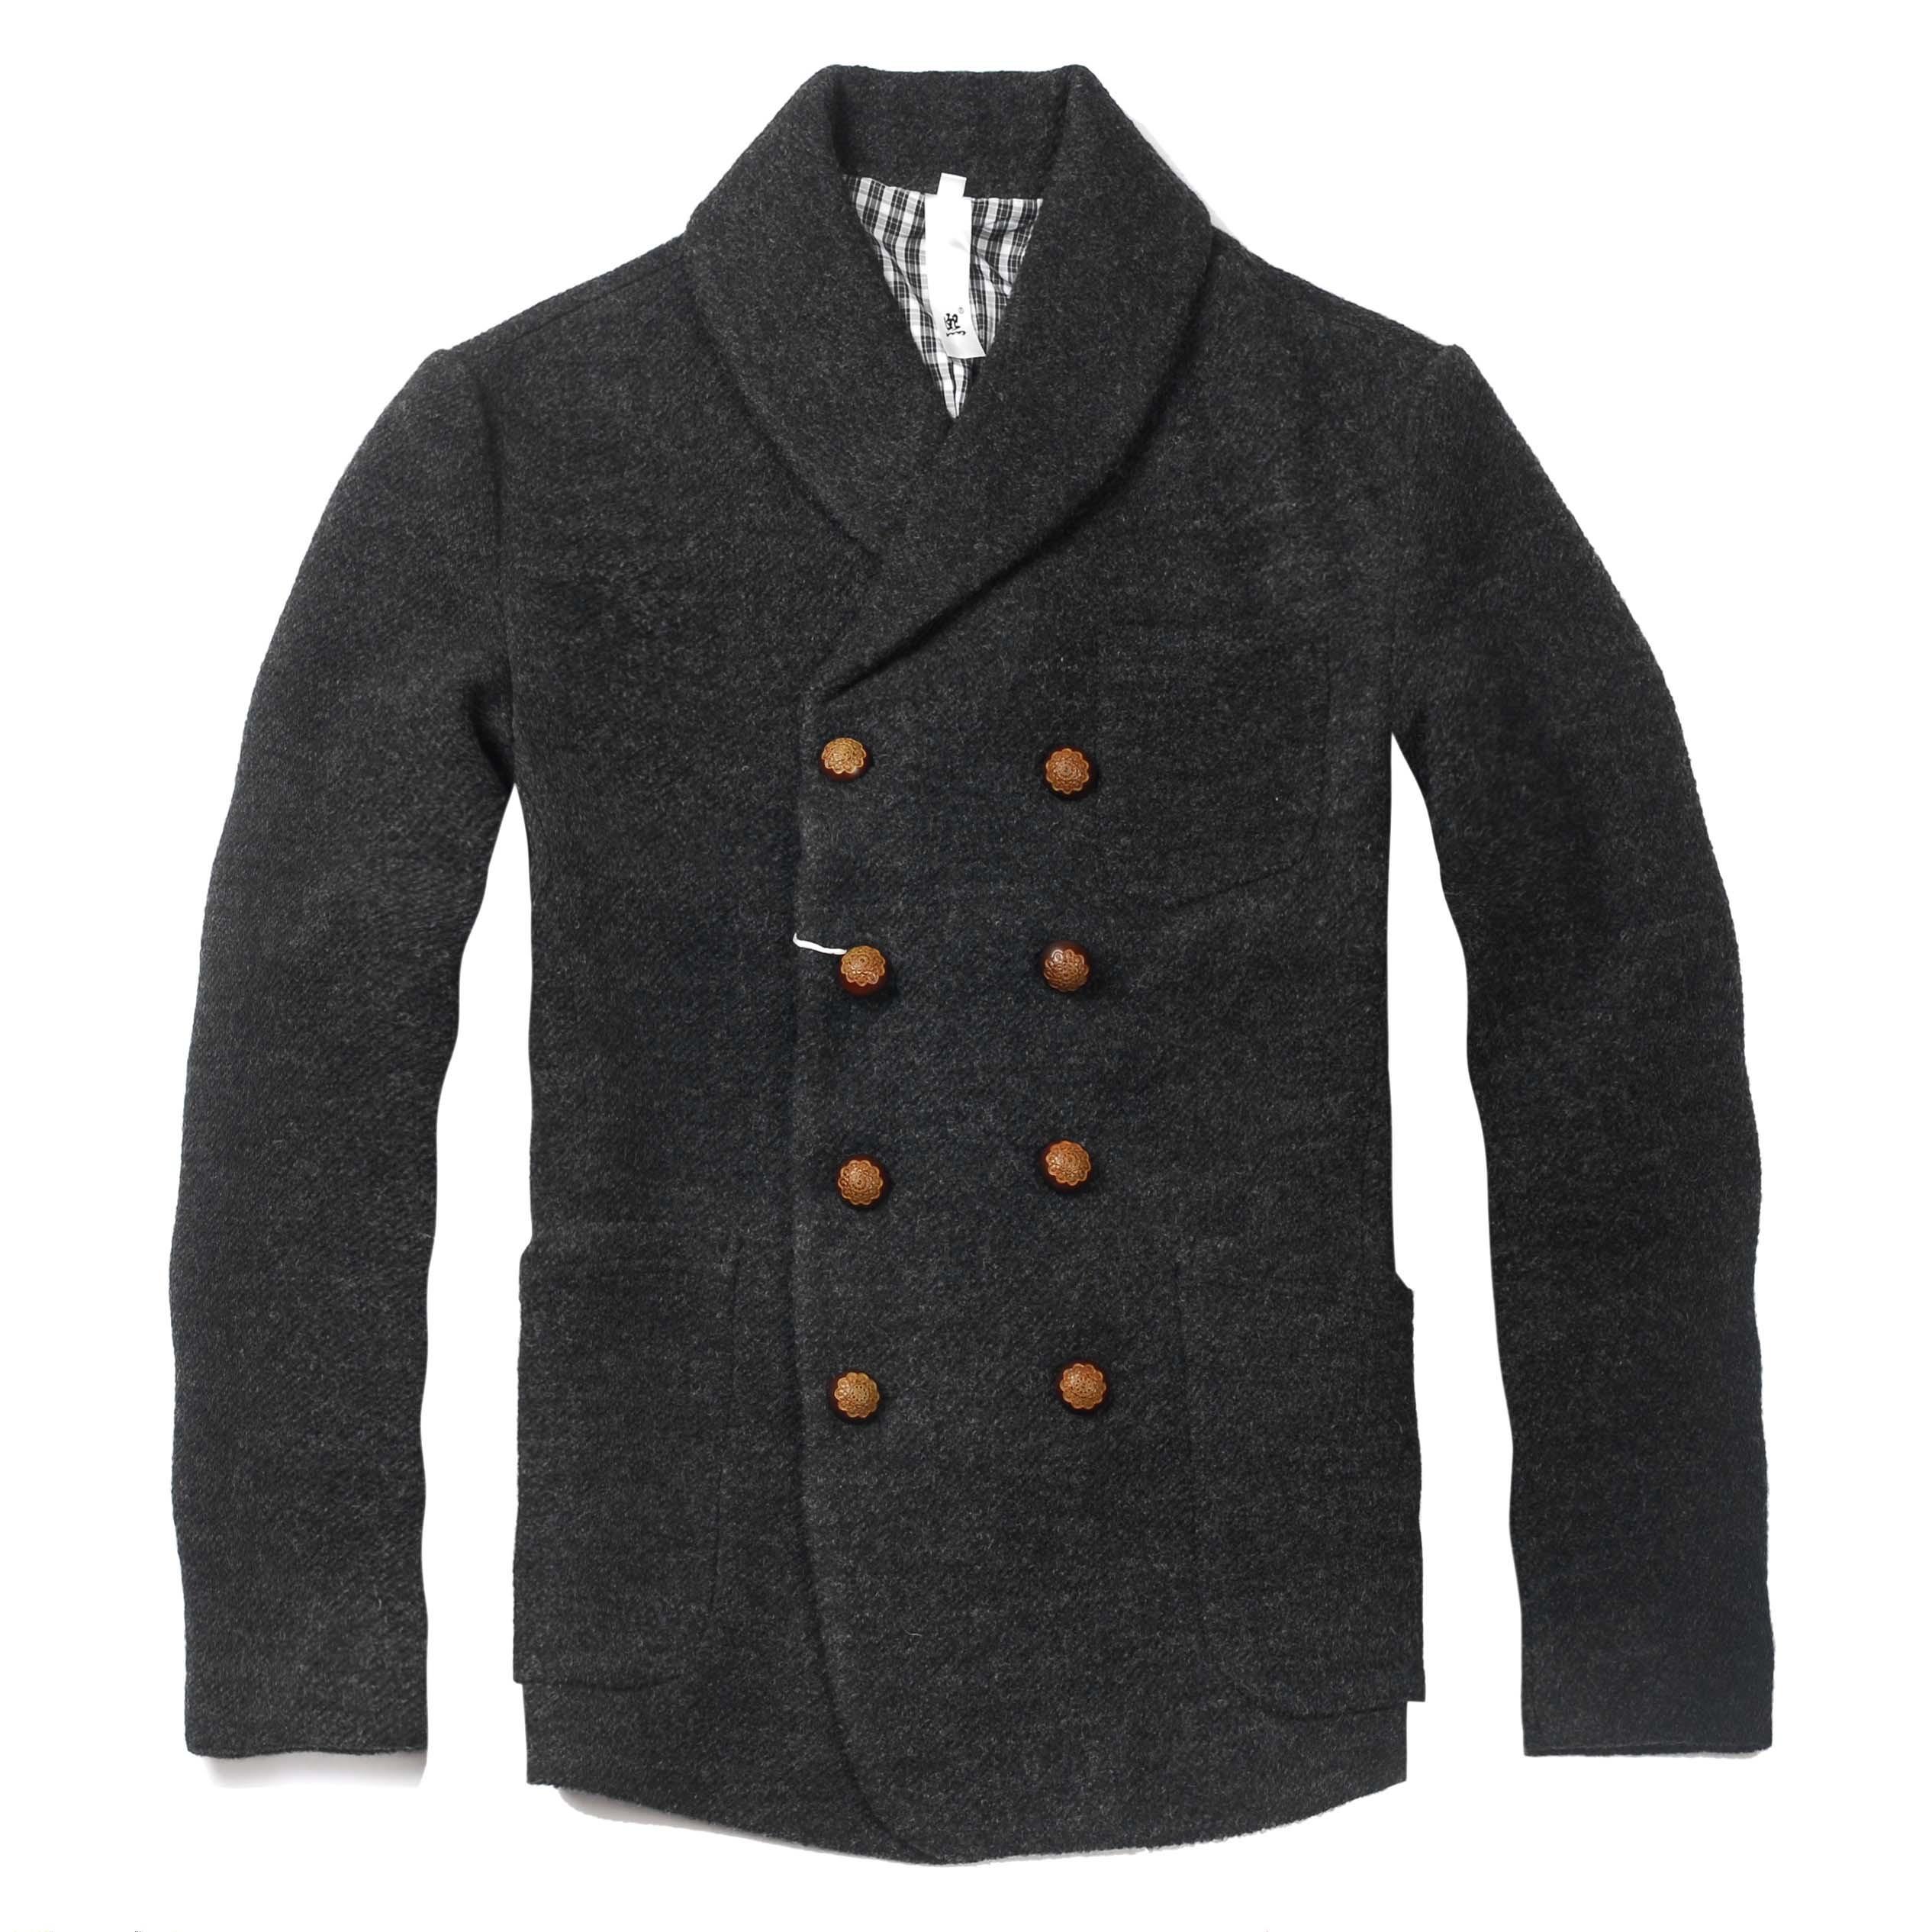 Куртка Other gtjk15x759xxdgy 2011 759 Шерстяная ткань Отложной воротник Эксклюзивные корейский и японский стили